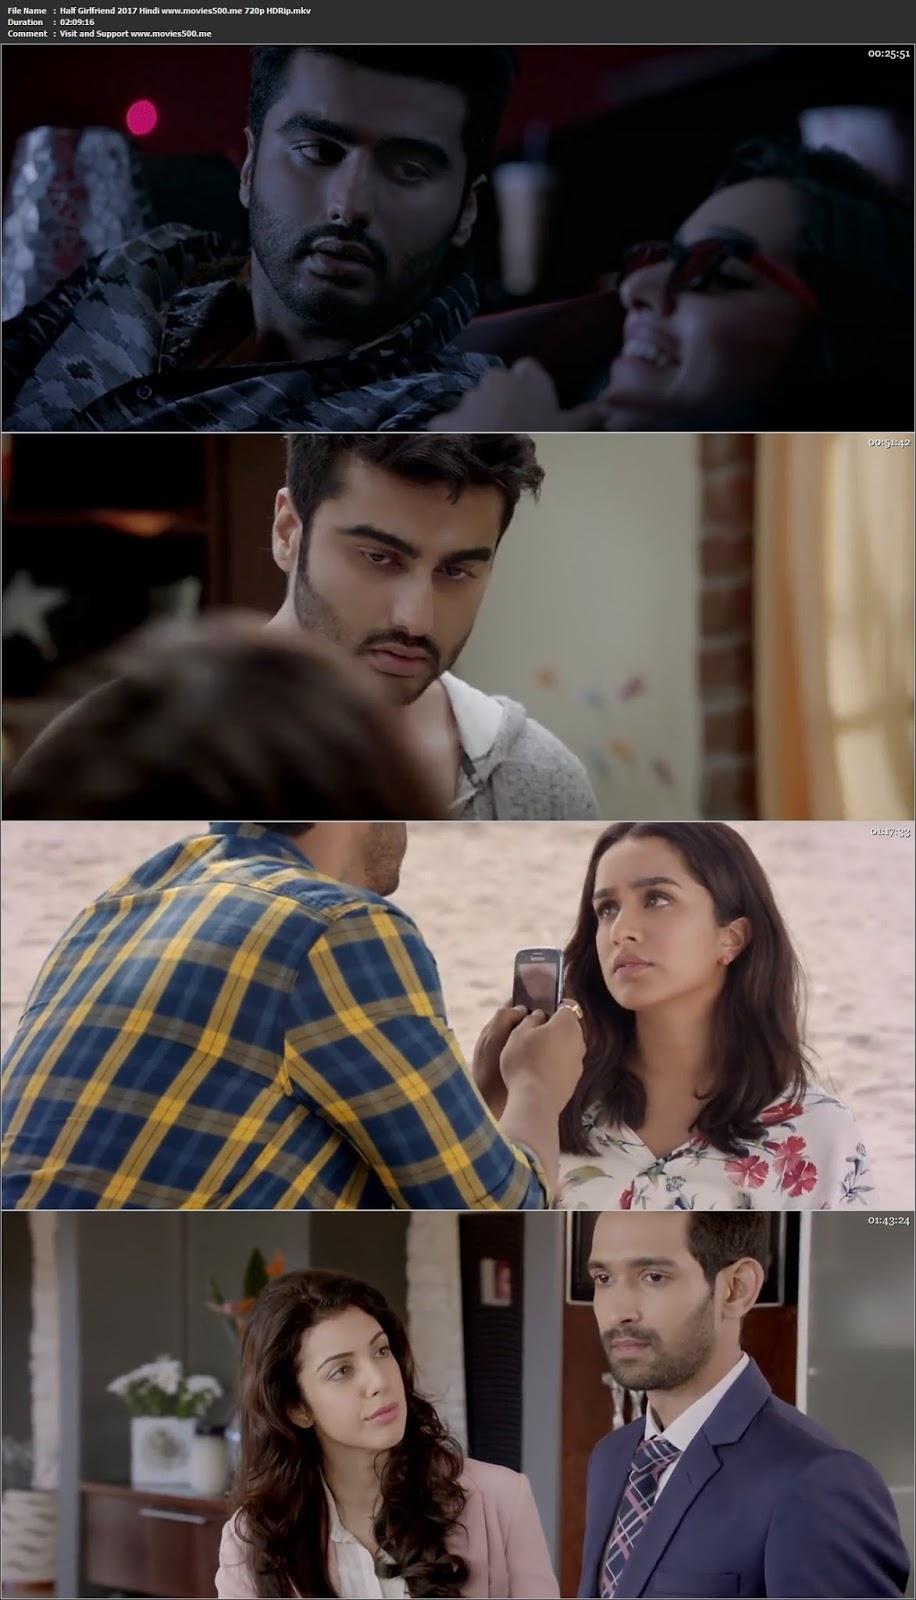 Half Girlfriend 2017 Full Movie Hindi HDRip 720p at movies500.info